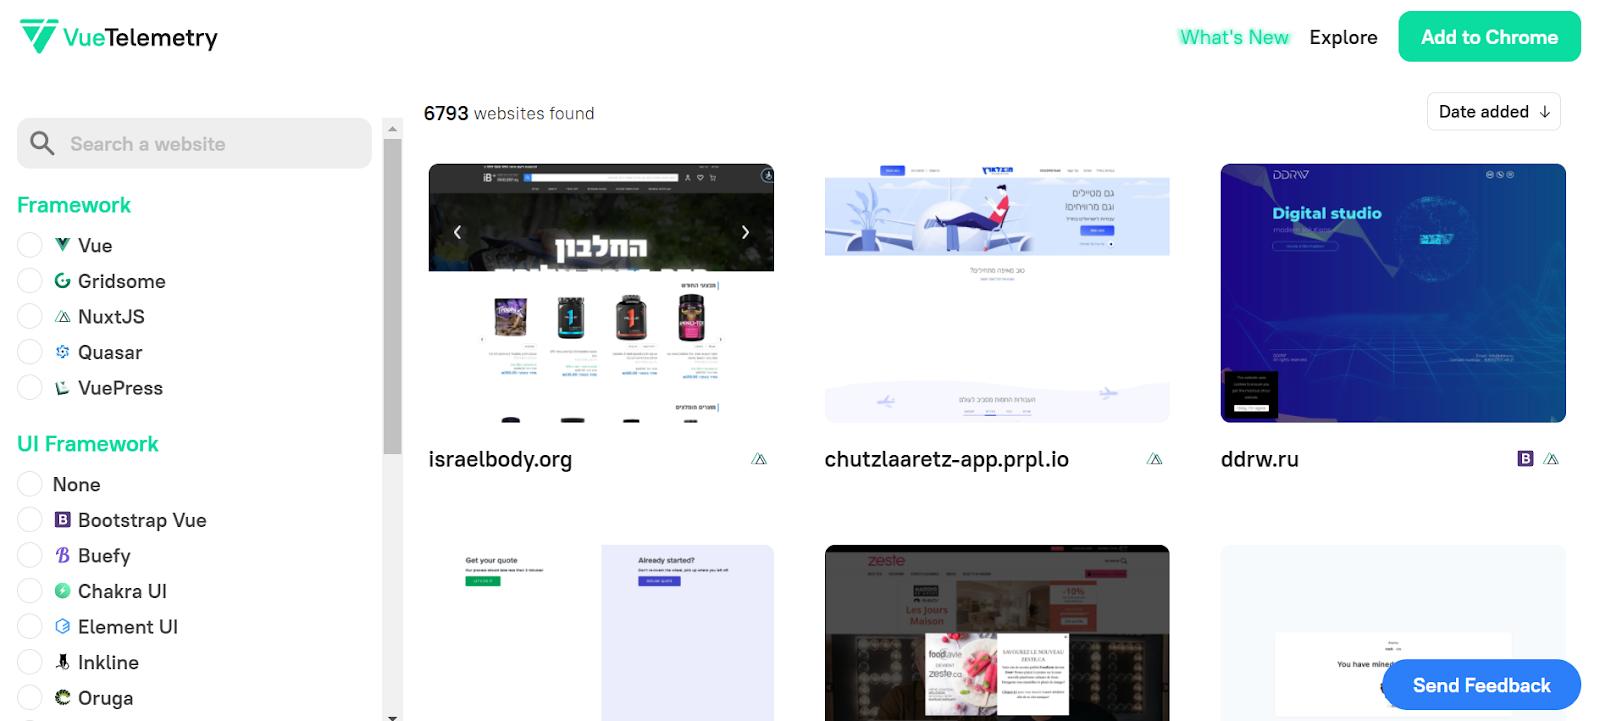 Vue Telemetry website